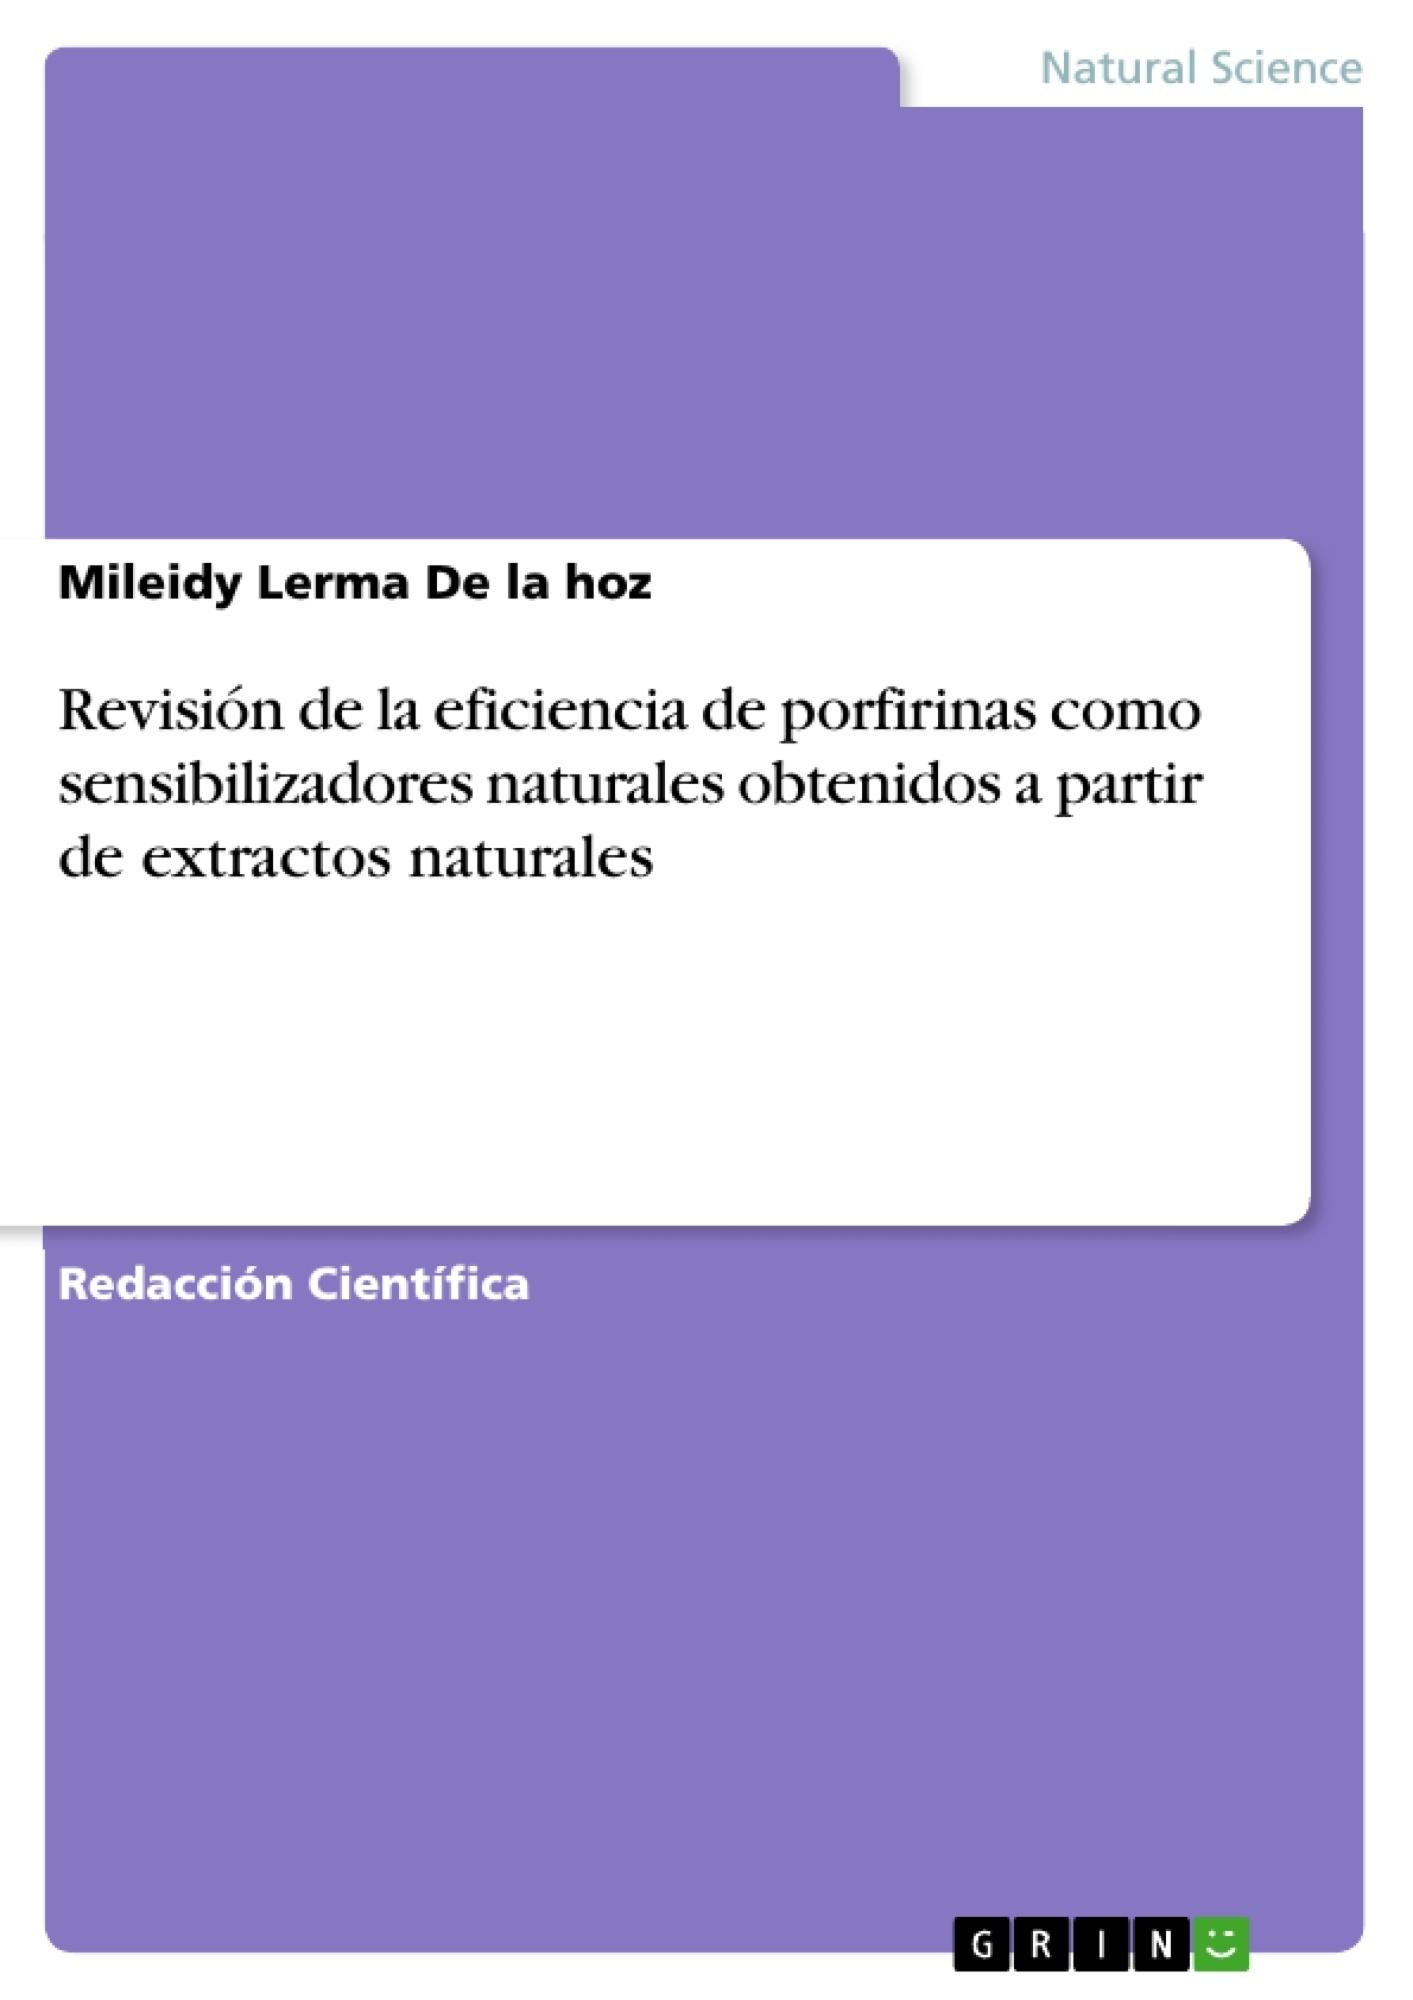 Título: Revisión de la eficiencia de porfirinas como sensibilizadores naturales obtenidos a partir de extractos naturales